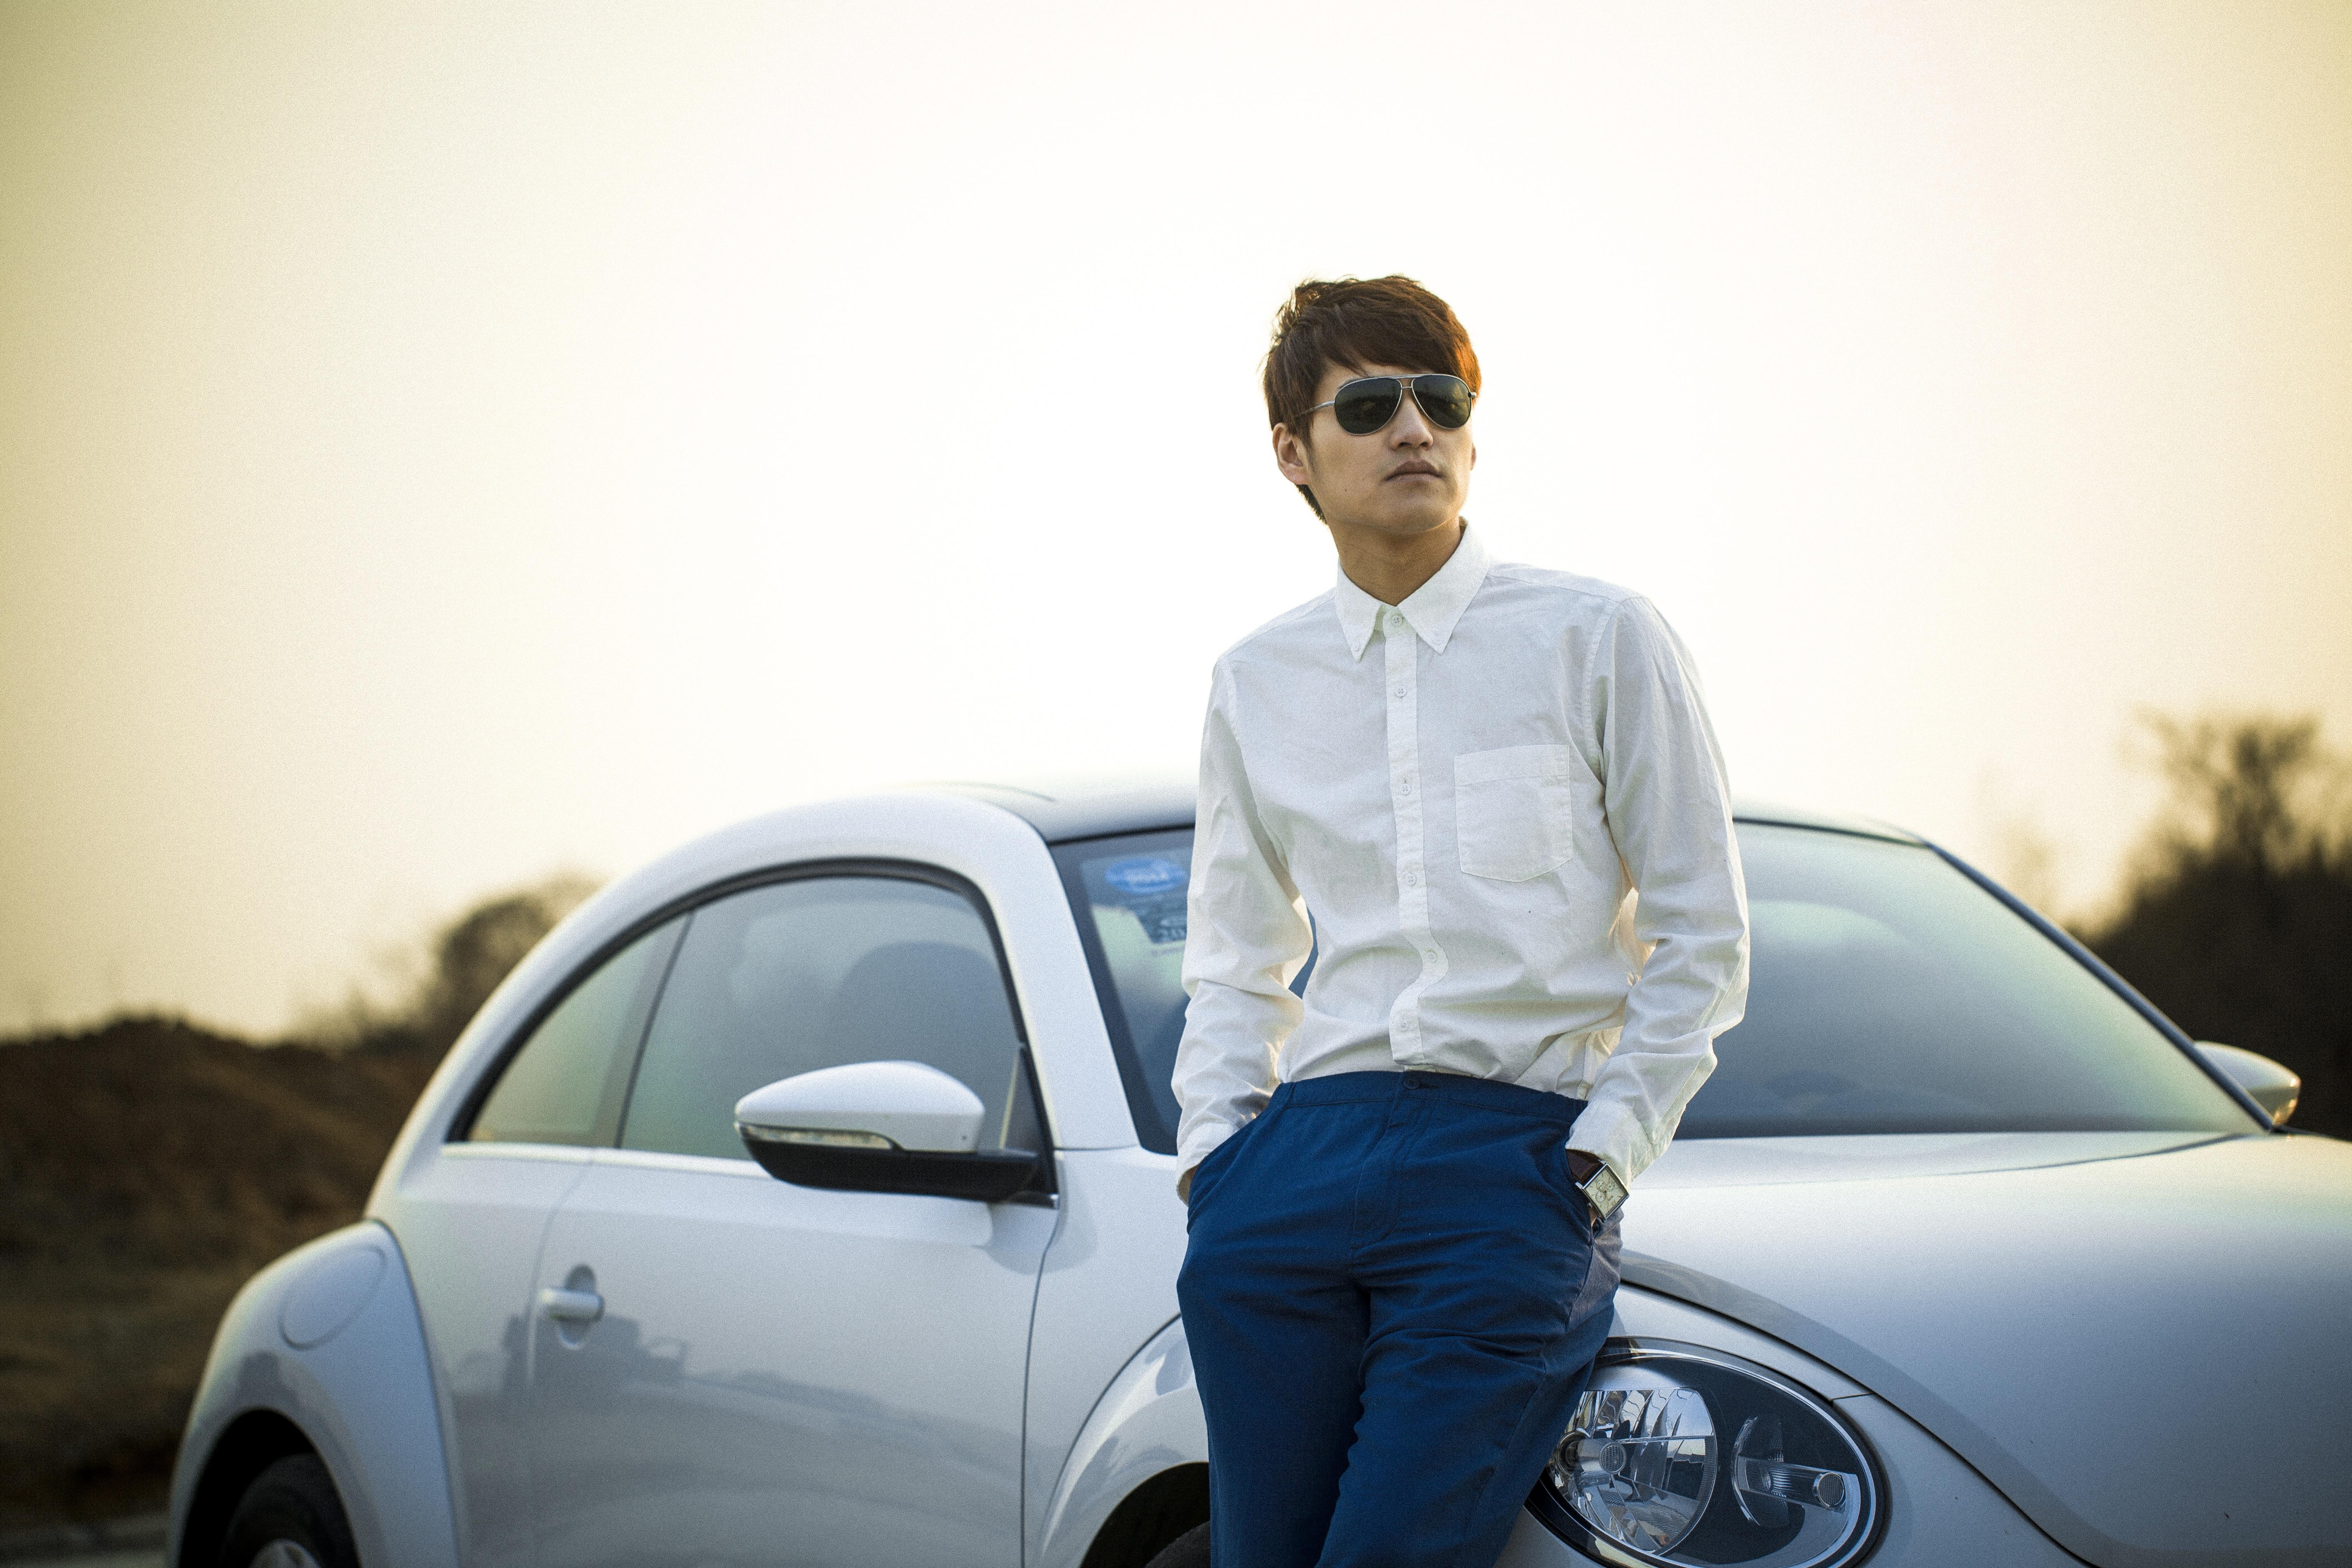 Картинка парня с машиной